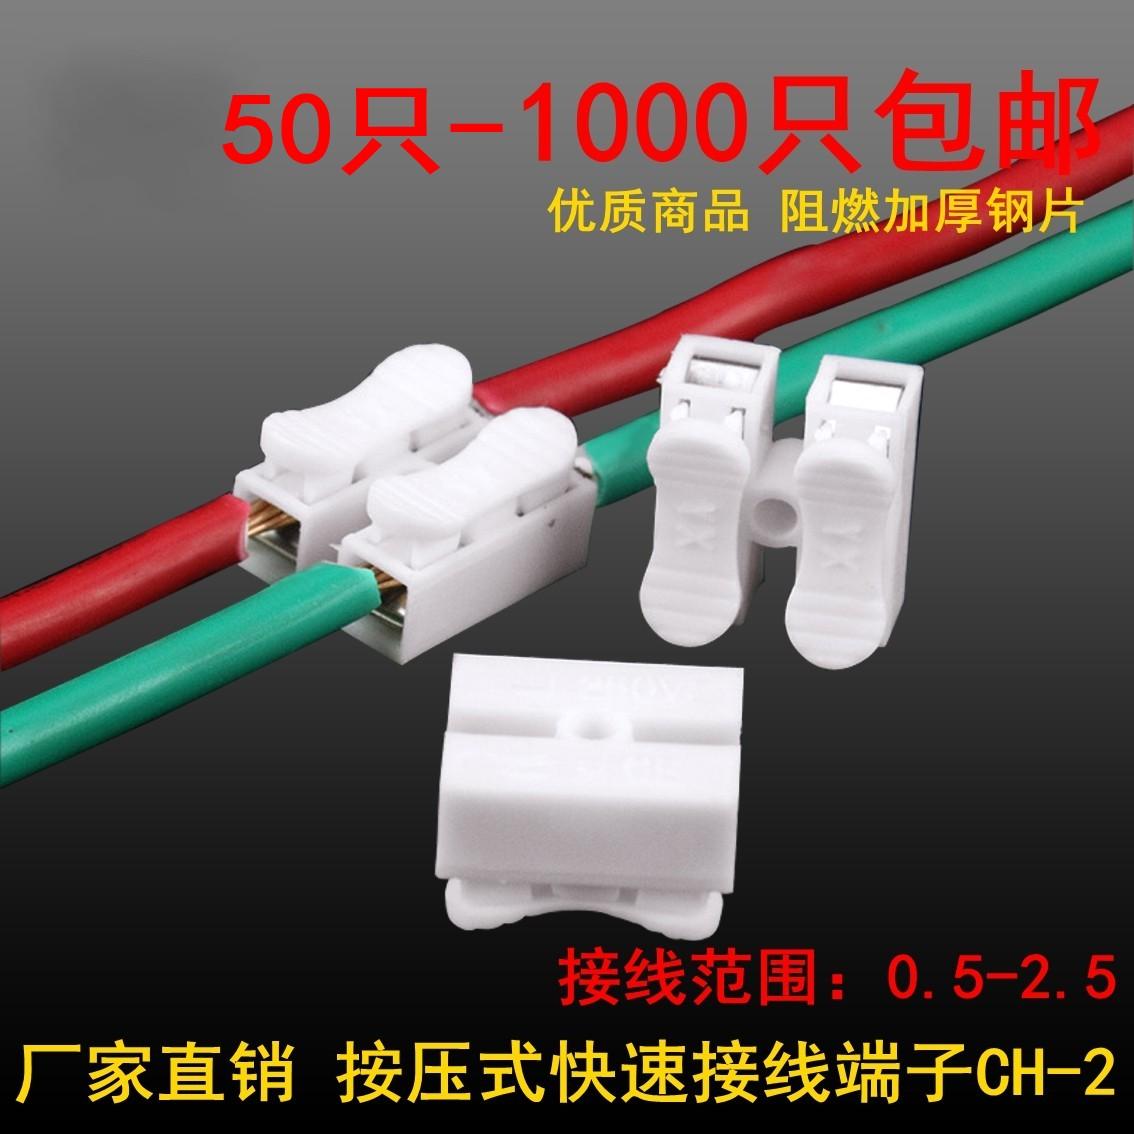 快速接线端子CH-2二位两2位按压式电线灯具连接器对接头接线柱子